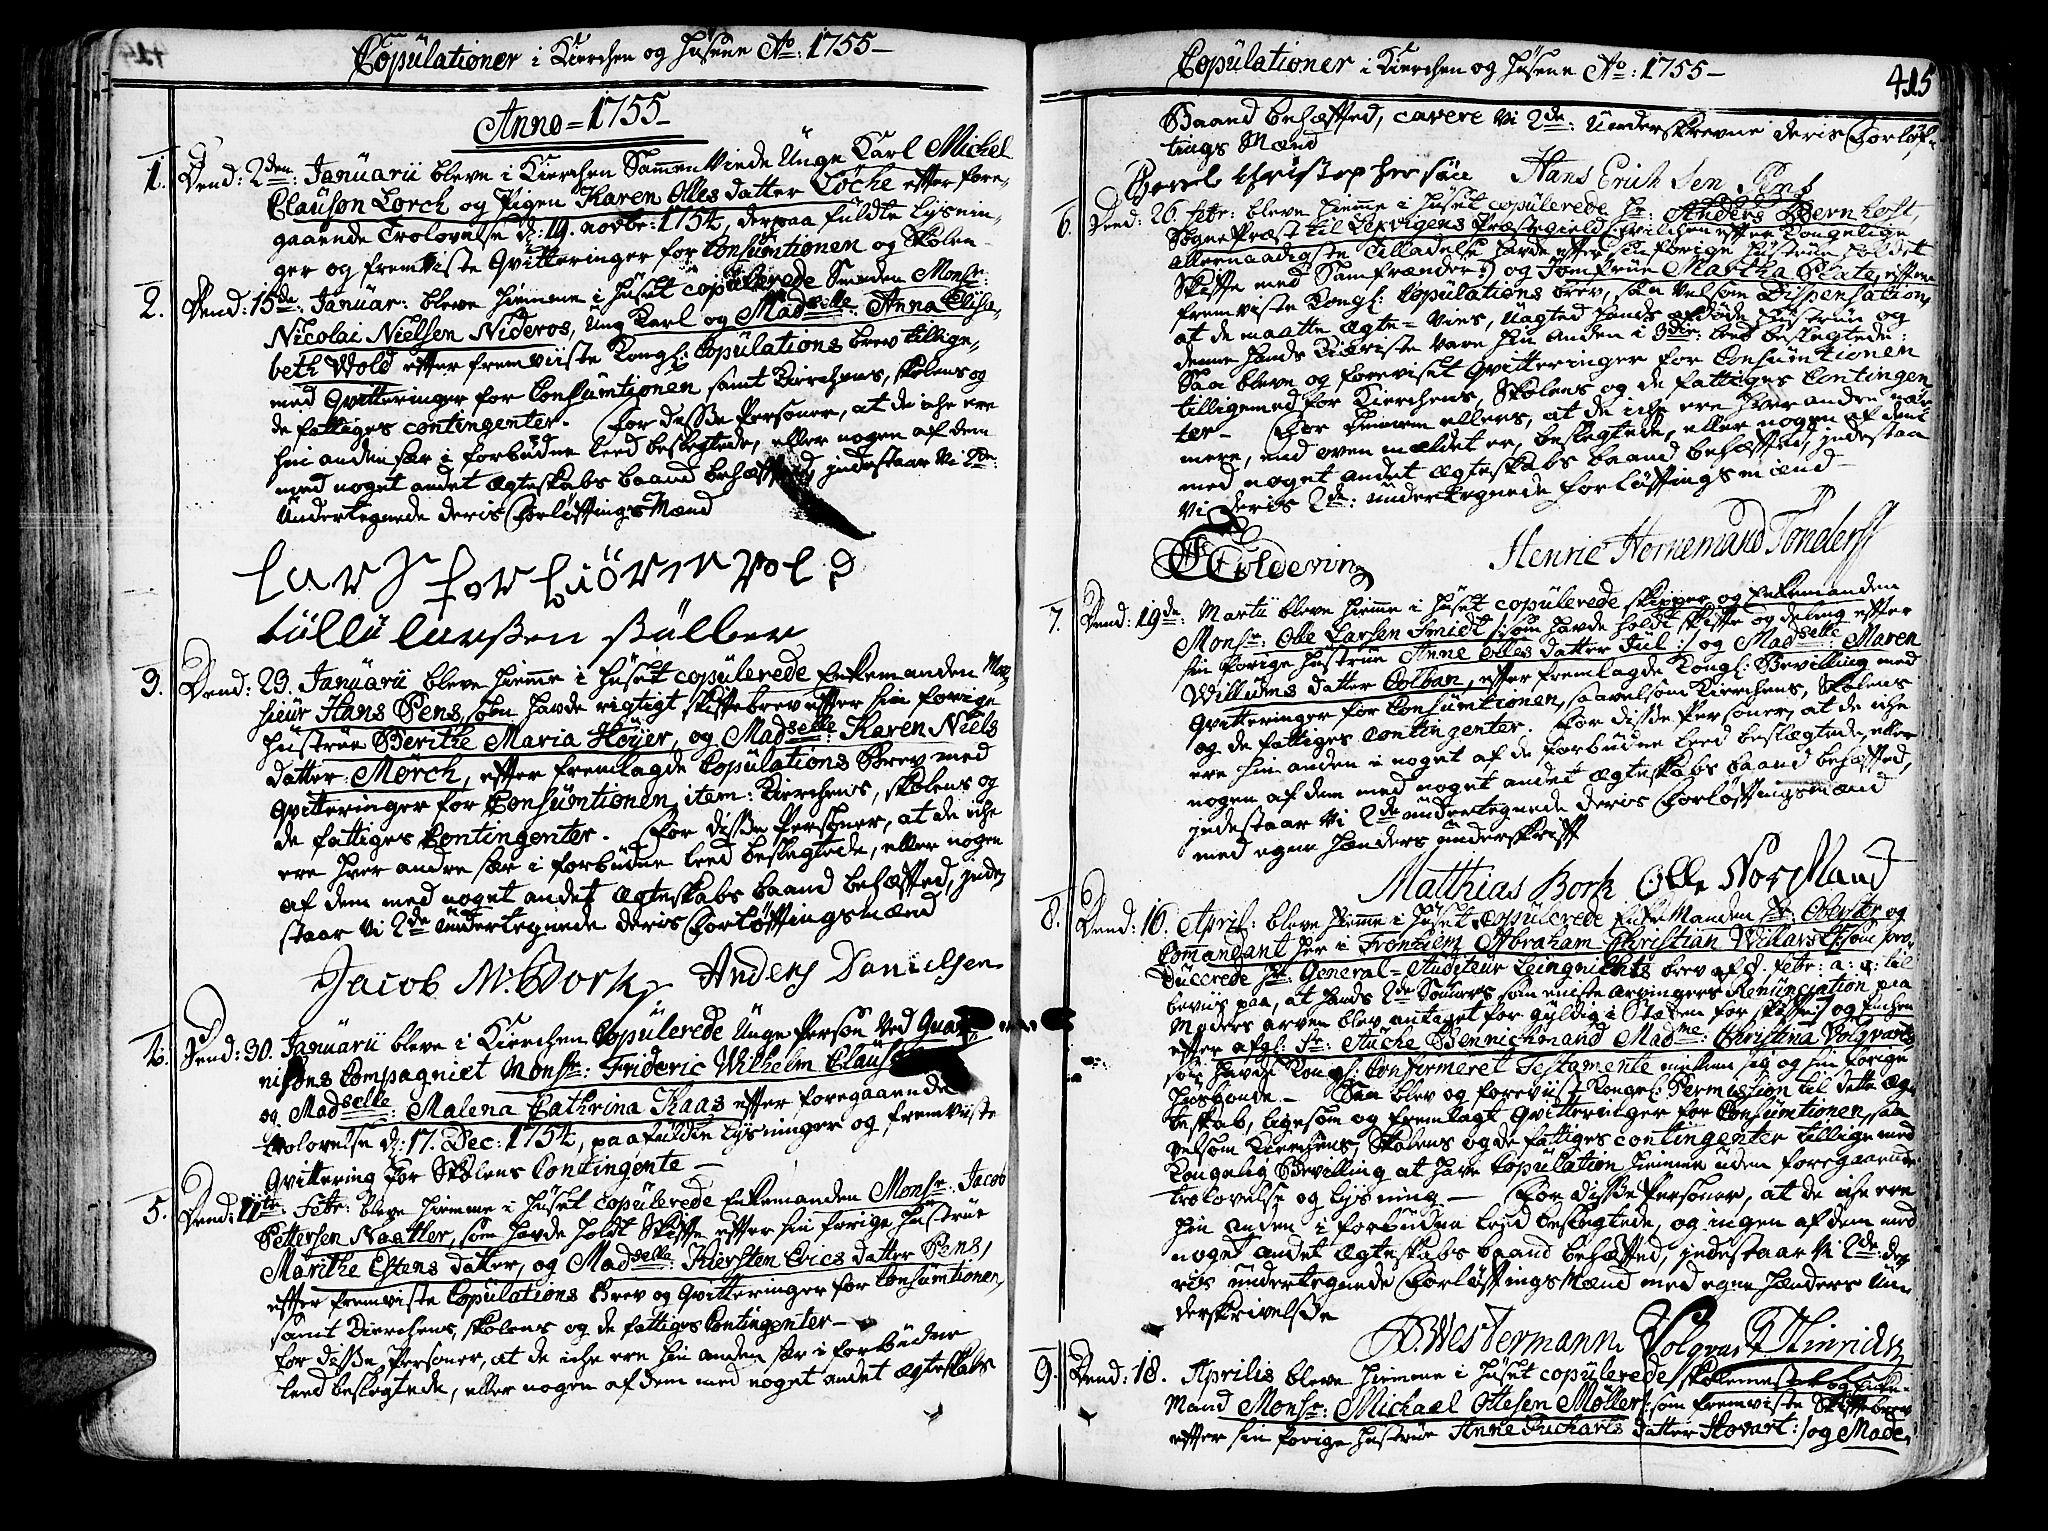 SAT, Ministerialprotokoller, klokkerbøker og fødselsregistre - Sør-Trøndelag, 602/L0103: Ministerialbok nr. 602A01, 1732-1774, s. 415